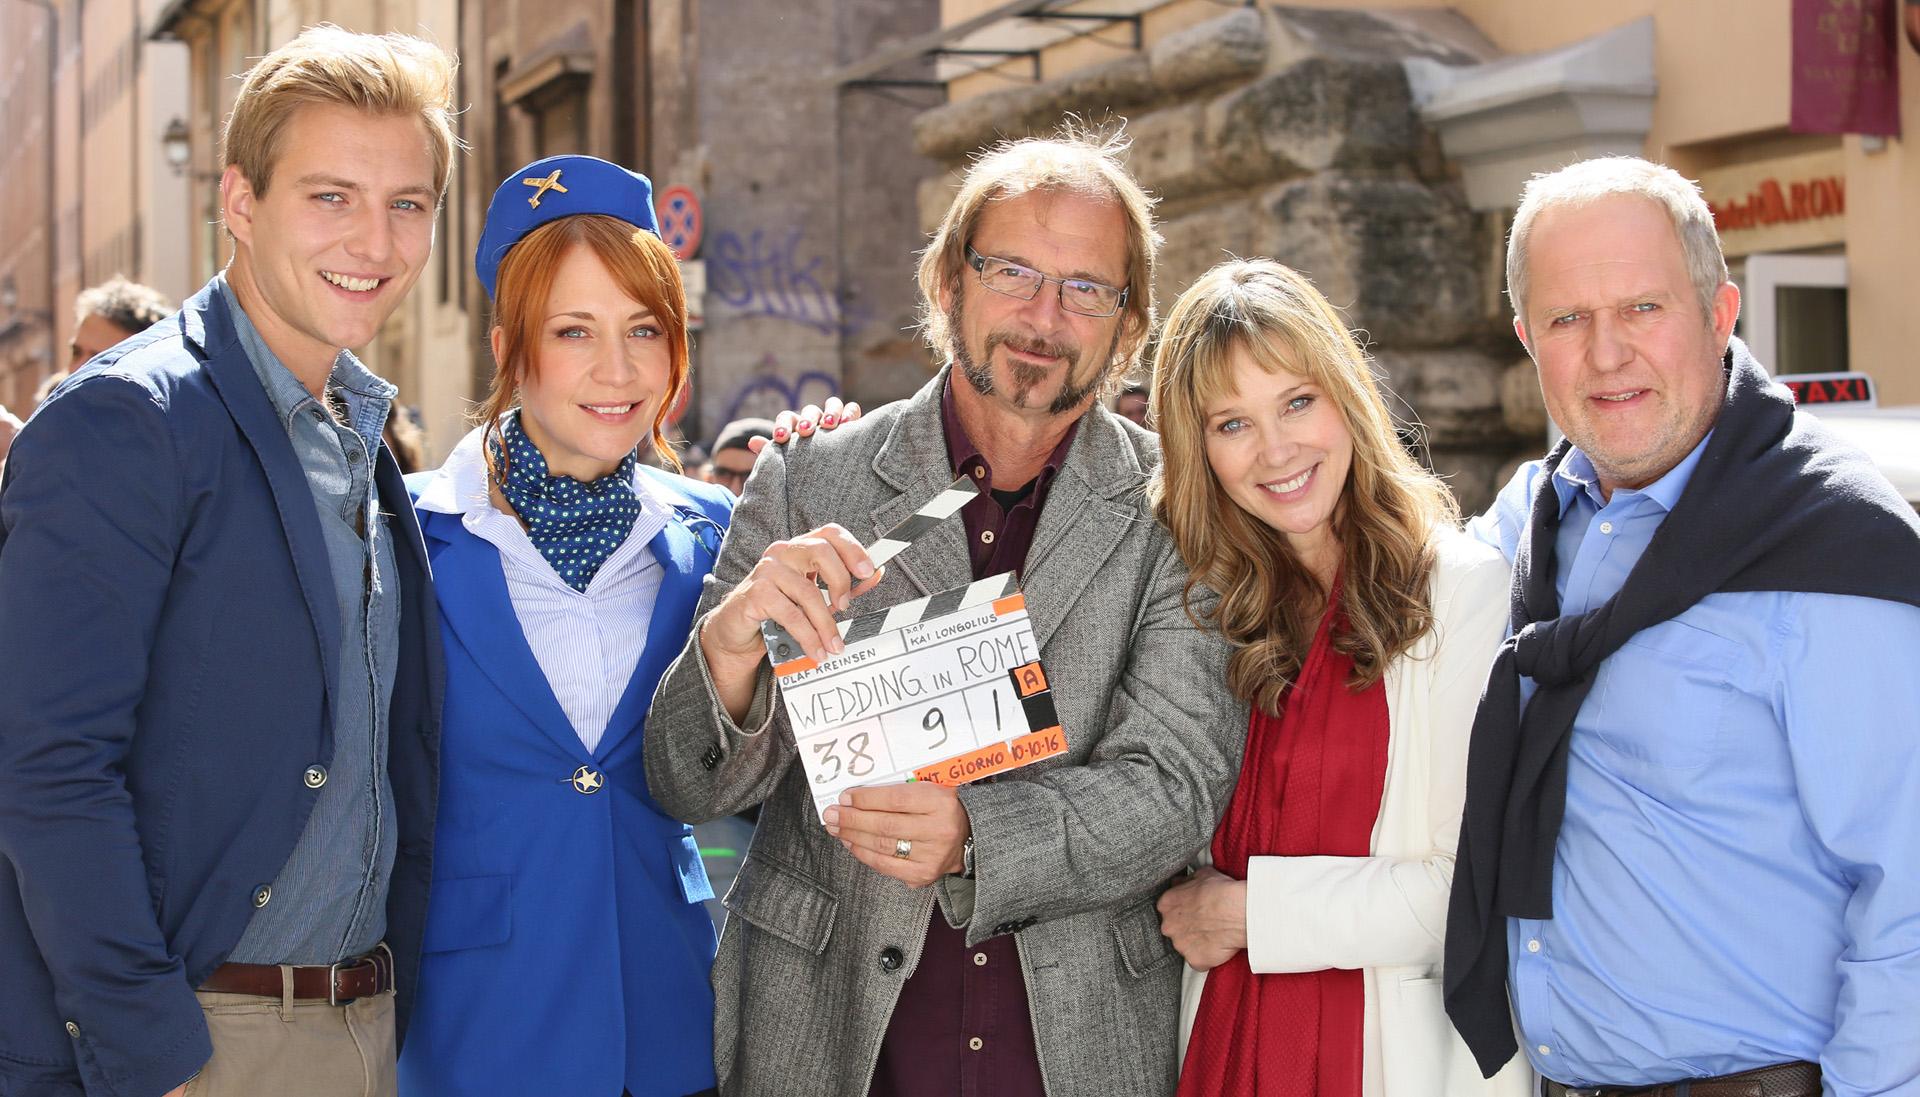 Hochzeit In Rom Film